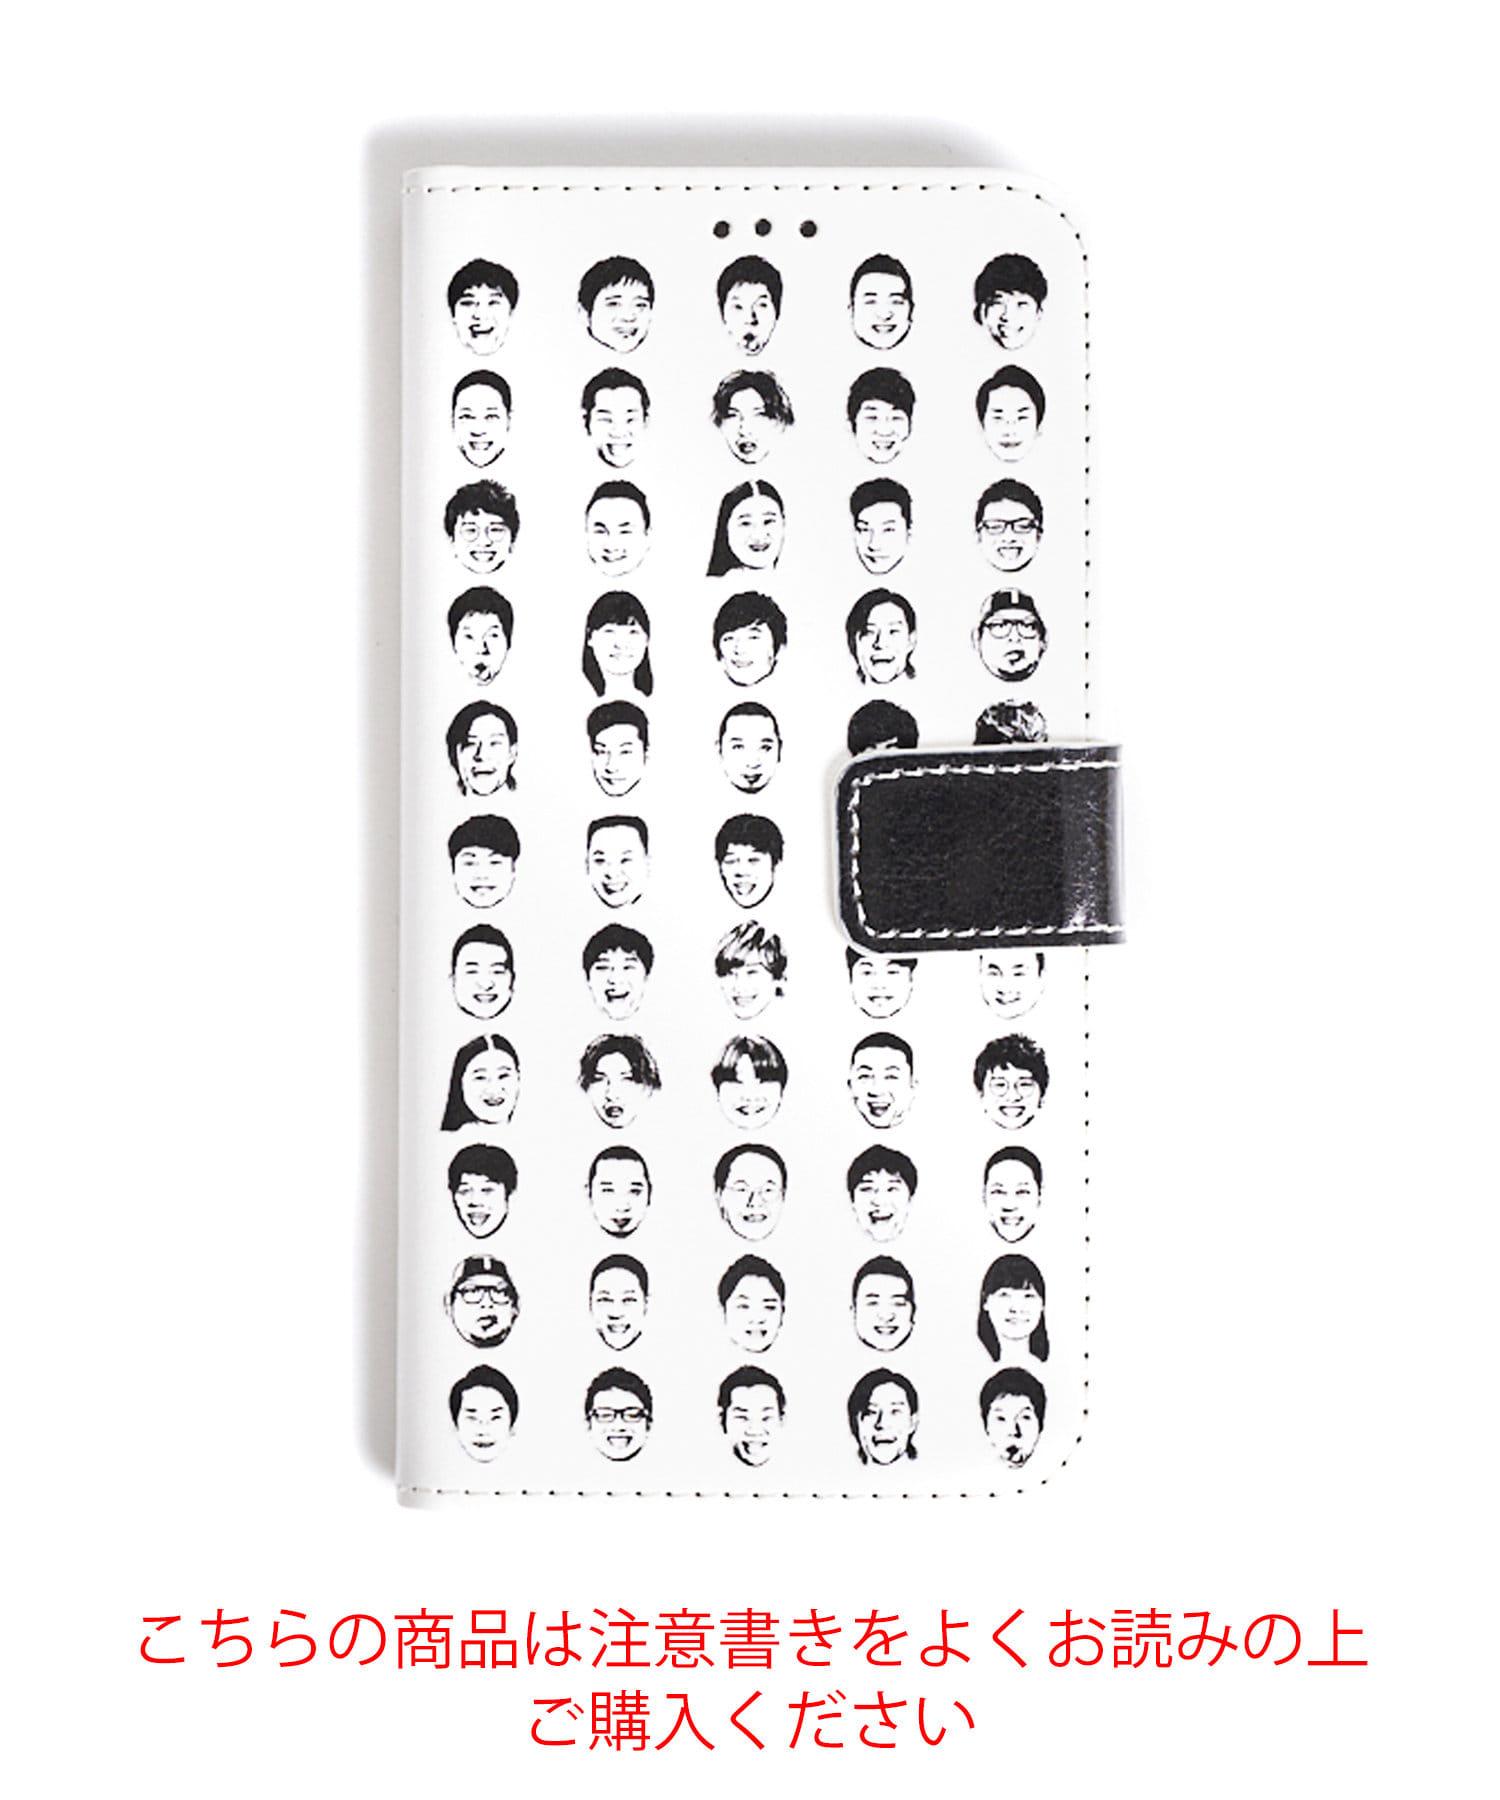 ASOKO(アソコ) ライフスタイル 【YOSHIMOTO】iPhoneX・XSケース<buggy> その他